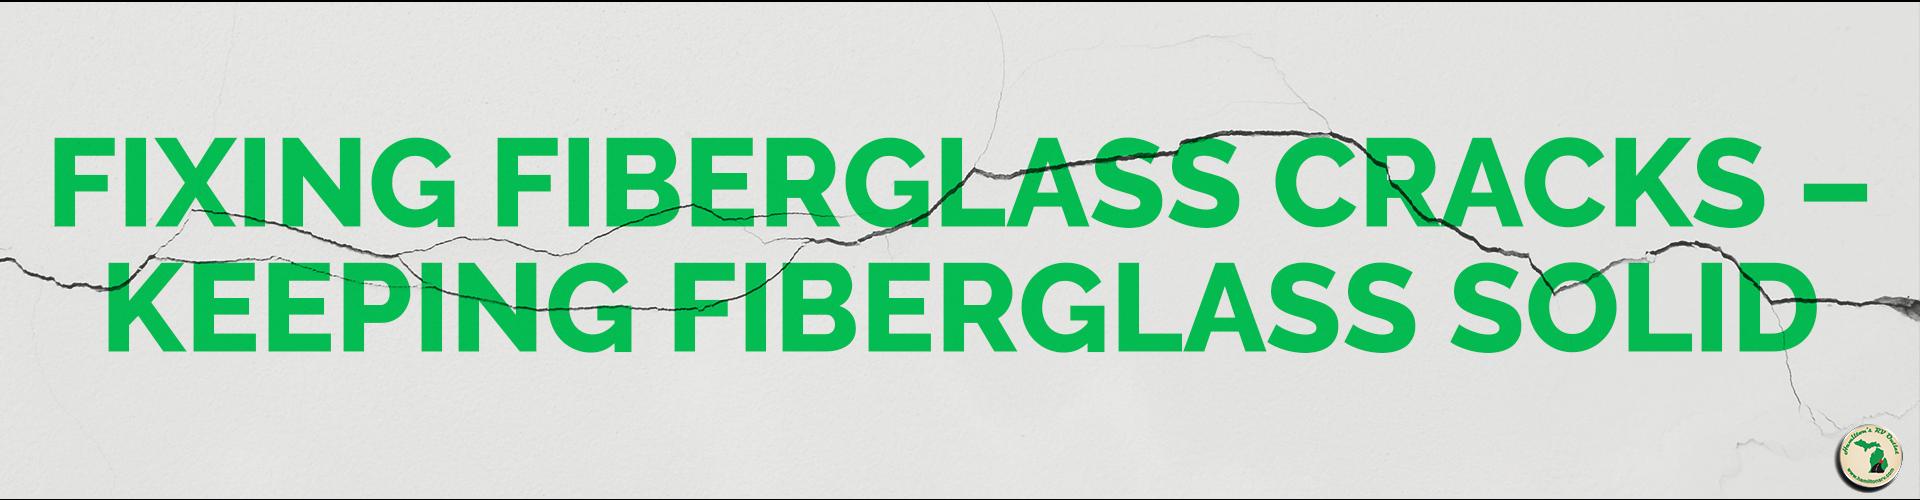 Fixing Fiberglass Cracks - Keeping Fiberglass Solid  Hamiltons RV